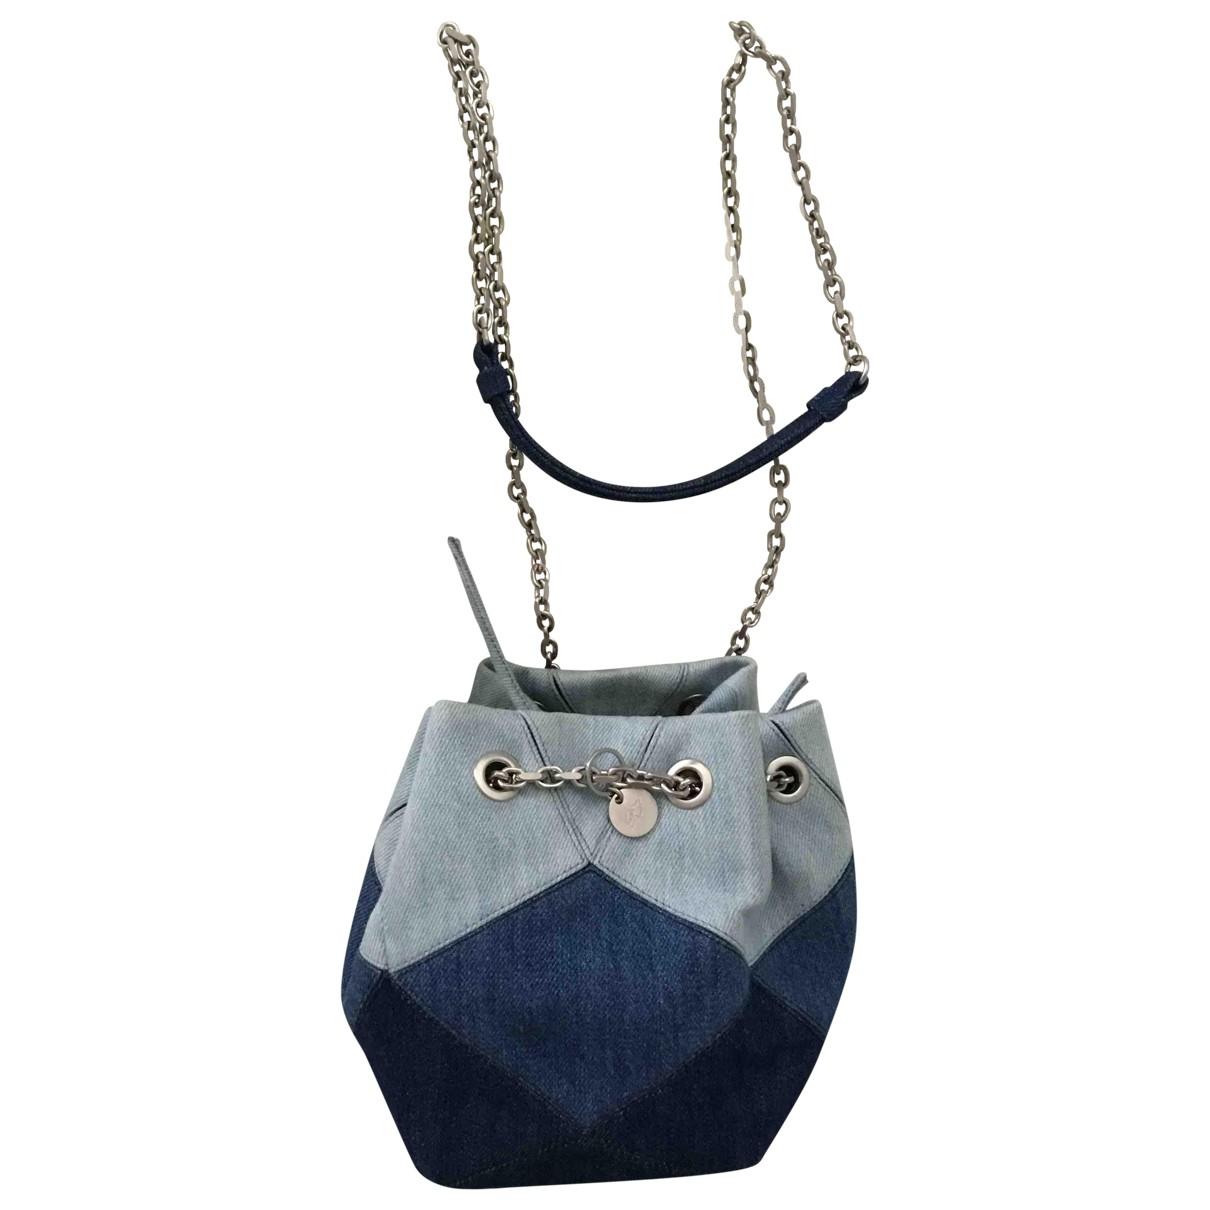 Roger Vivier \N Blue Denim - Jeans handbag for Women \N